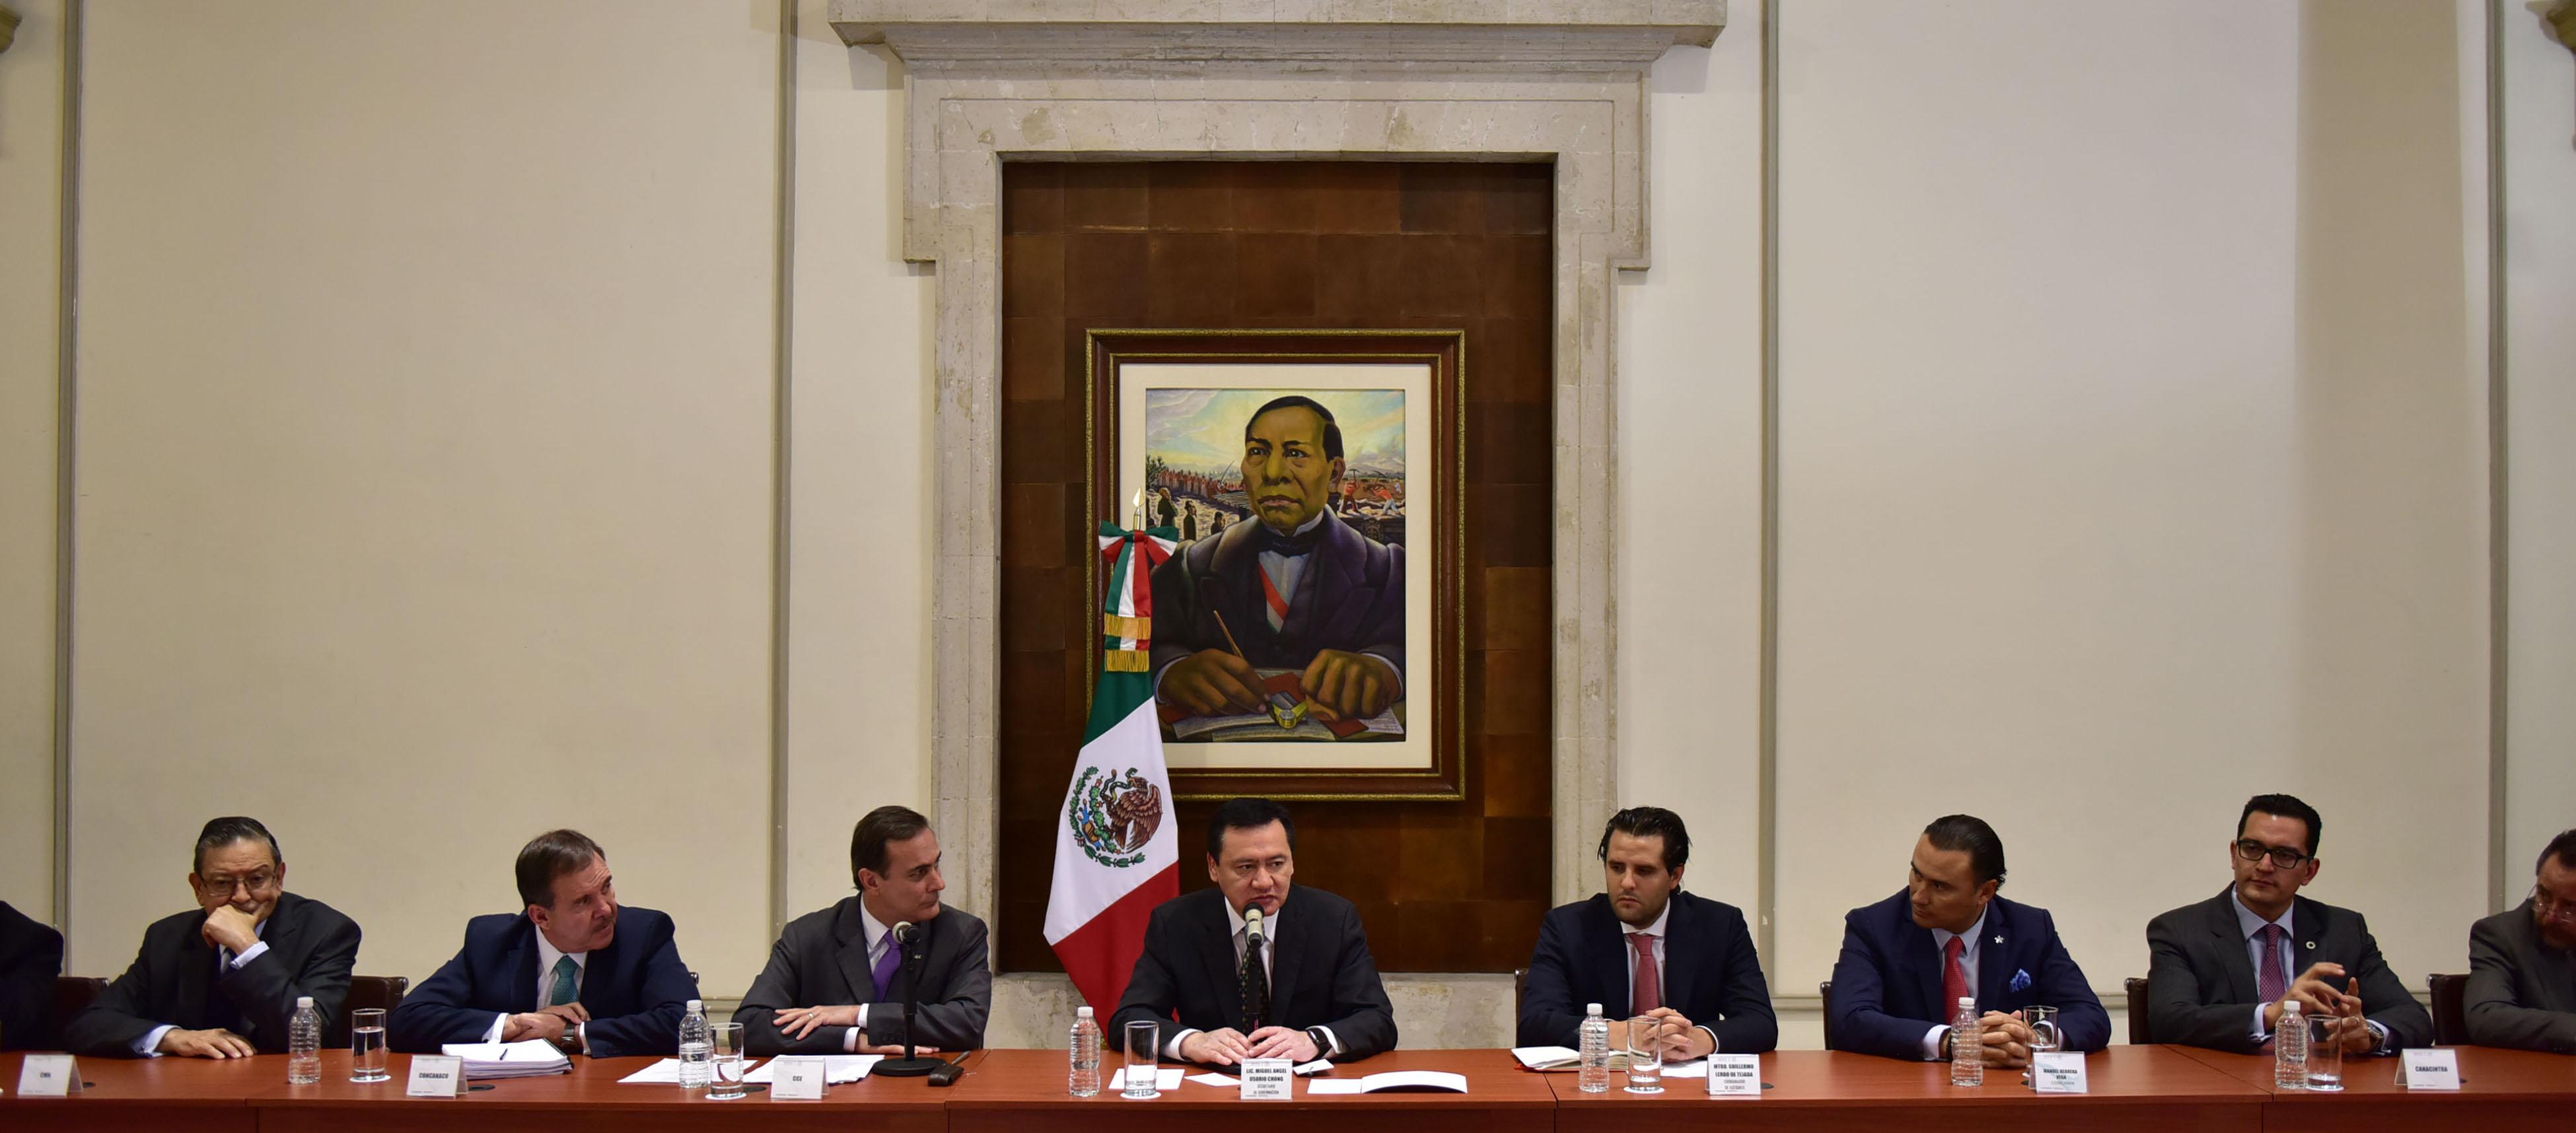 El Secretario de Gobernación, Miguel Ángel Osorio Chong, escucha los planteamientos y garantiza que el Gobierno de la República continuará trabajando para que la situación en Oaxaca se normalice.